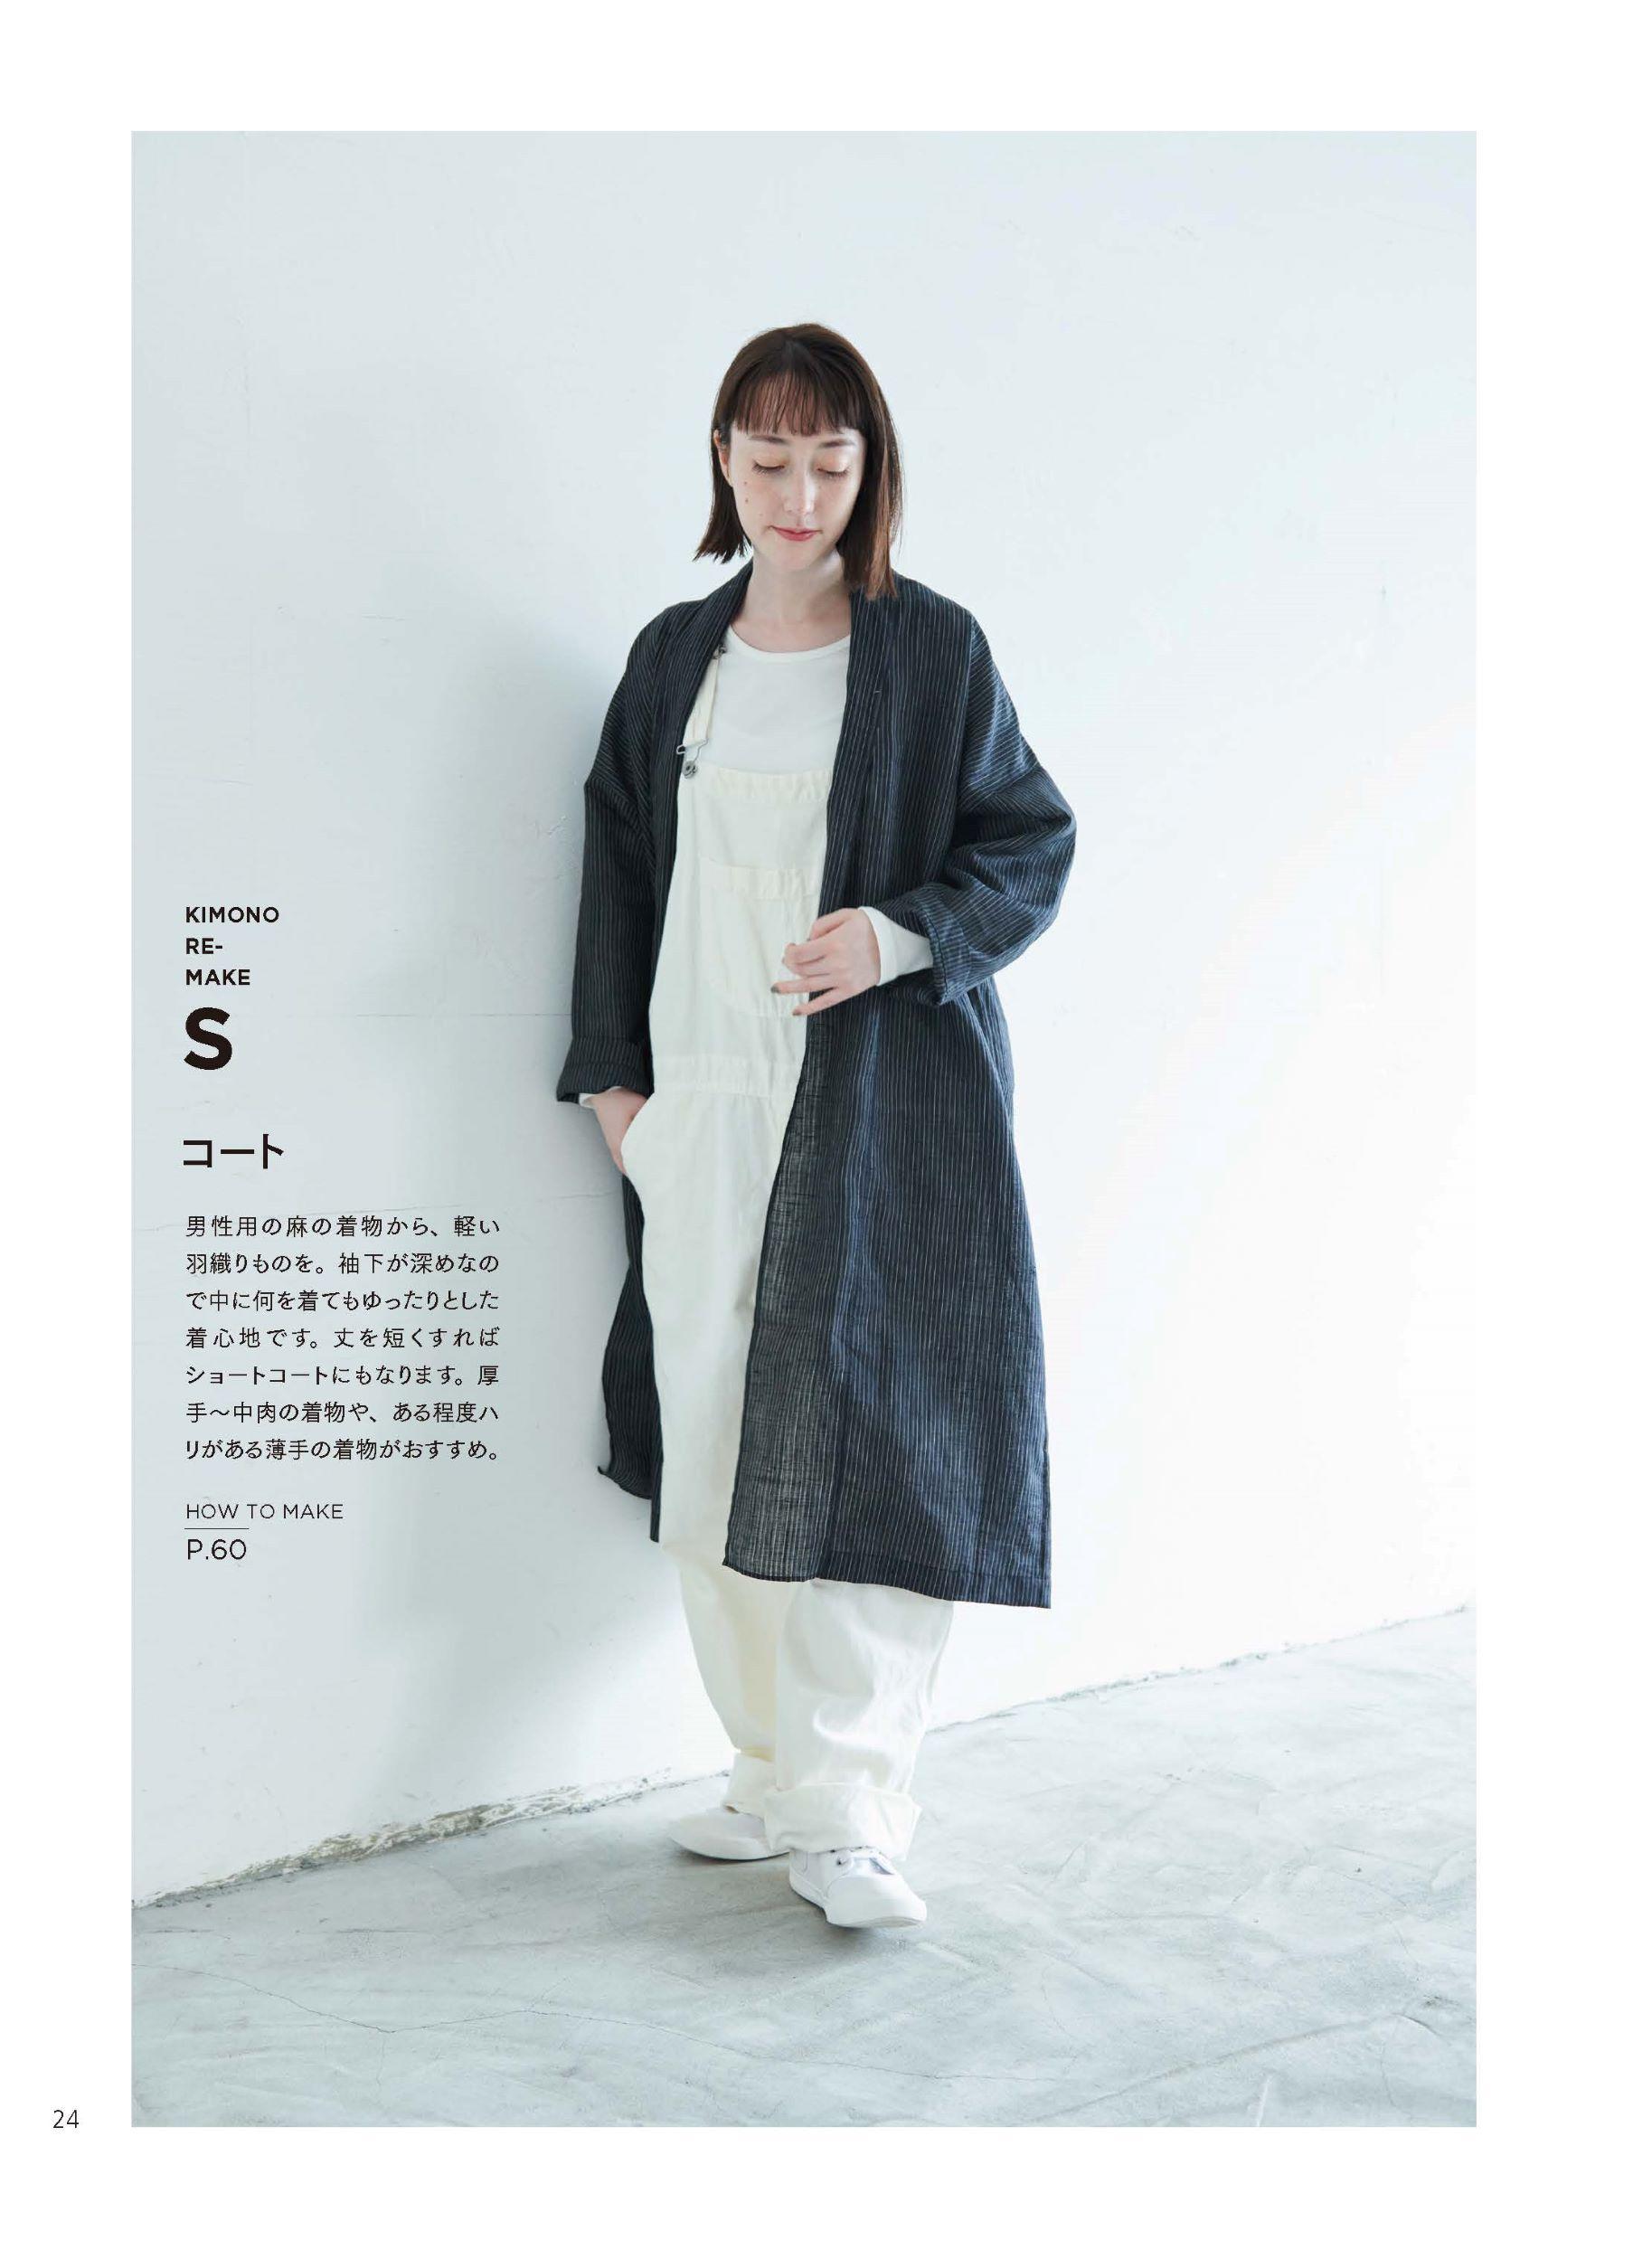 kコート(男性用の麻の着物から)